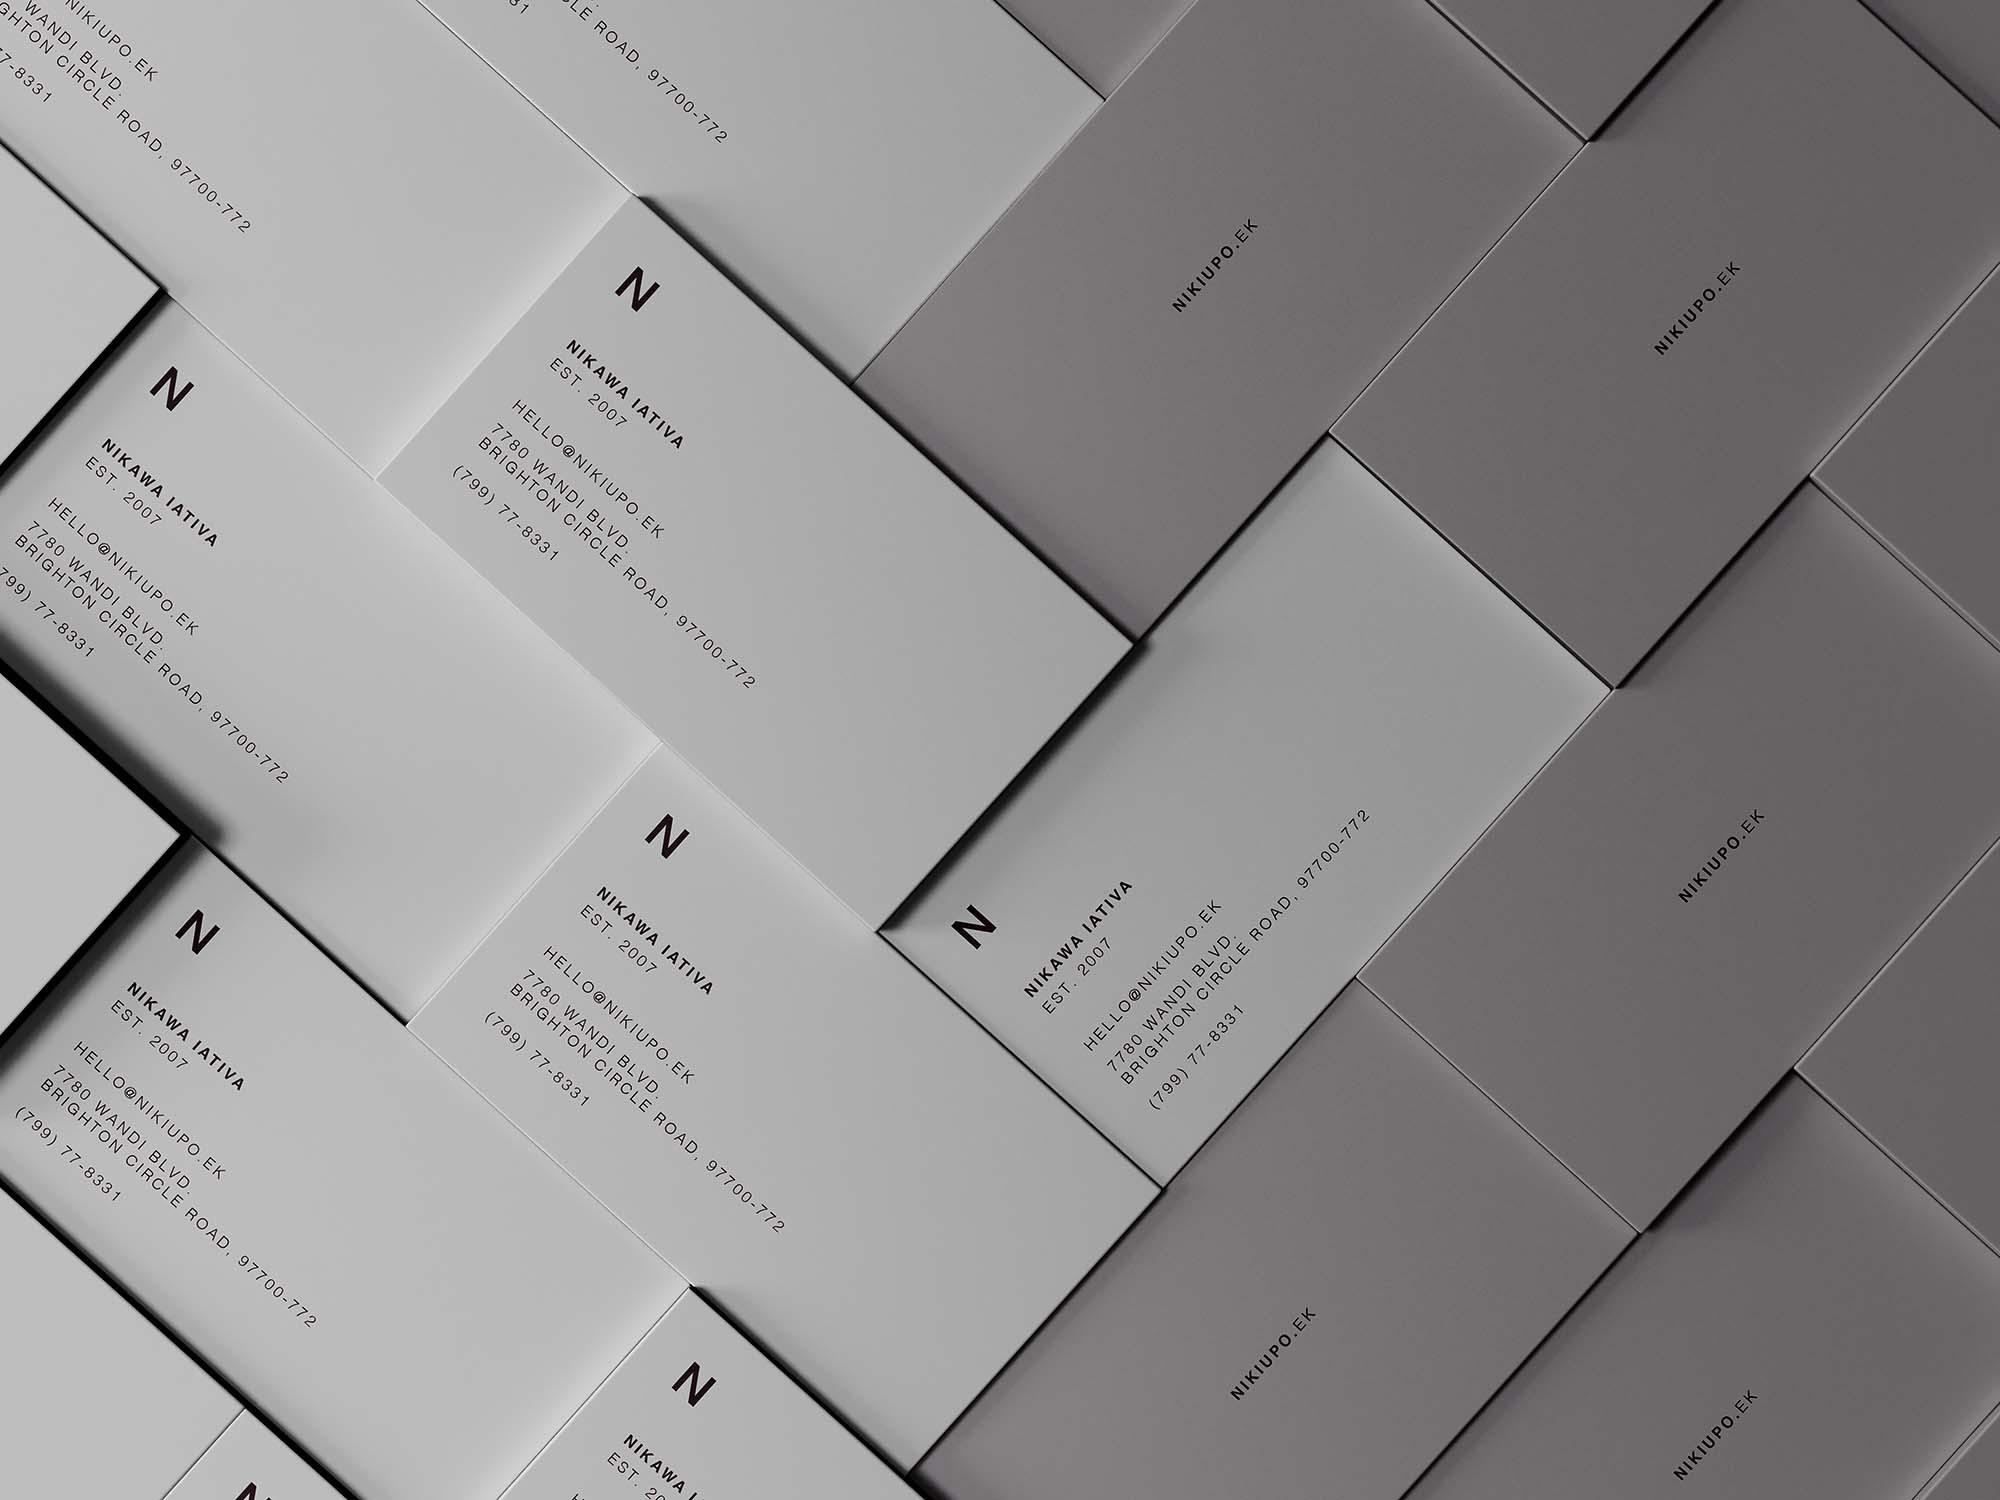 堆叠商务名片卡片设计展示样机 Stacked Business Cards Mockup插图